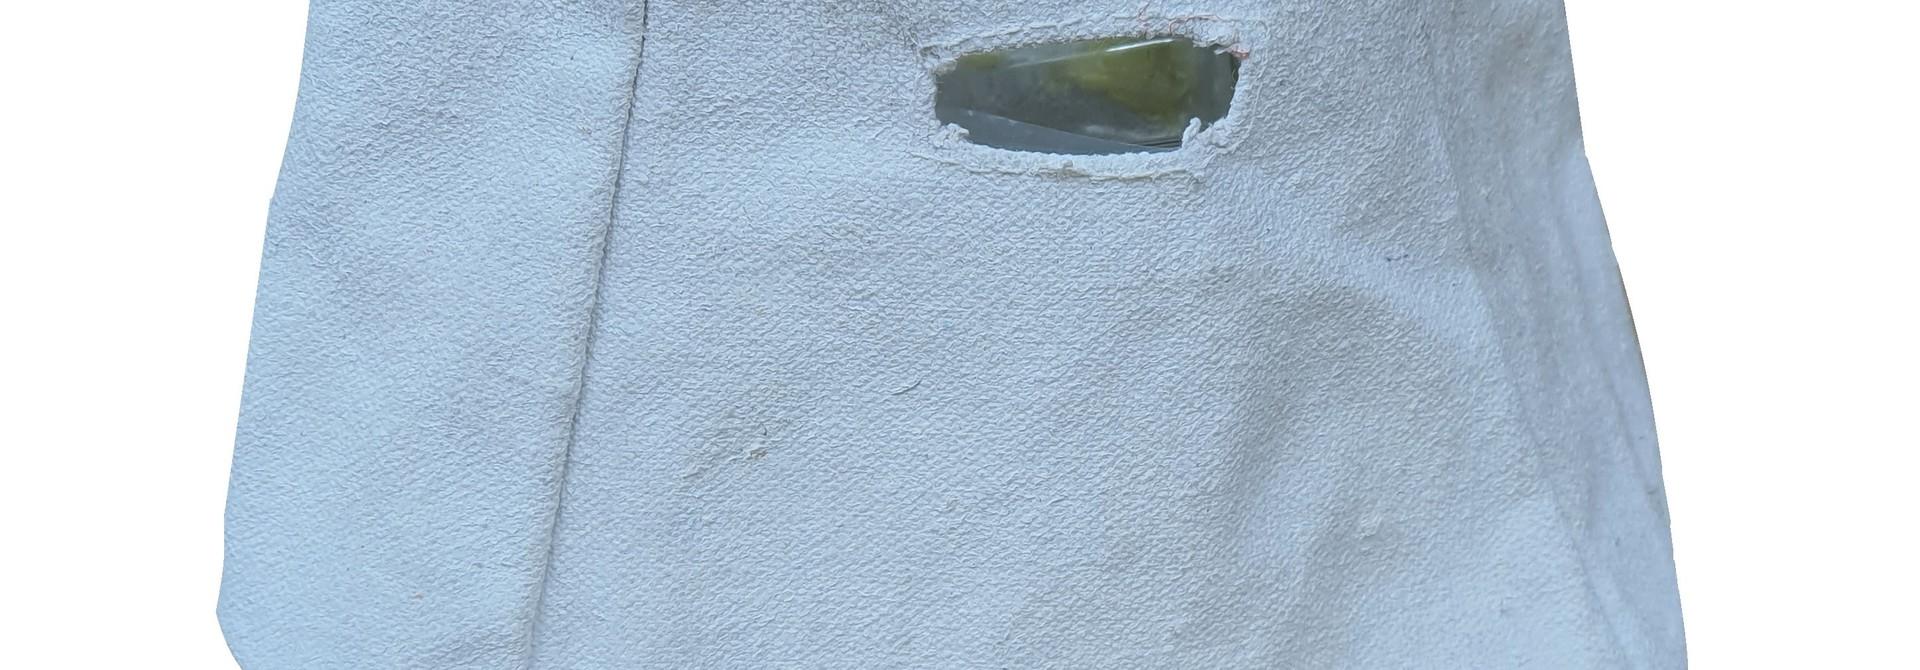 potglasscream bag + glass 16